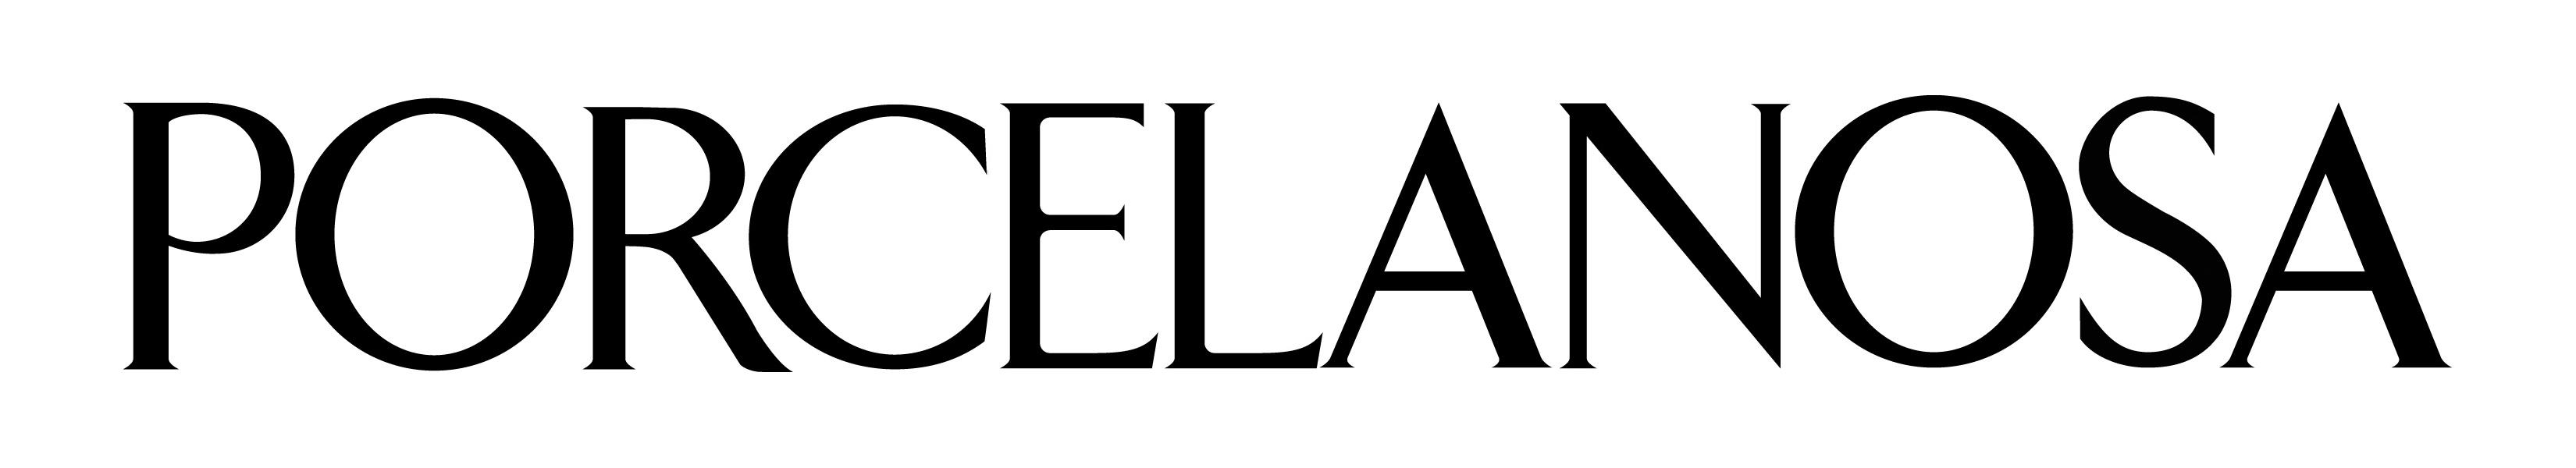 """Résultat de recherche d'images pour """"logo porcelanosa"""""""